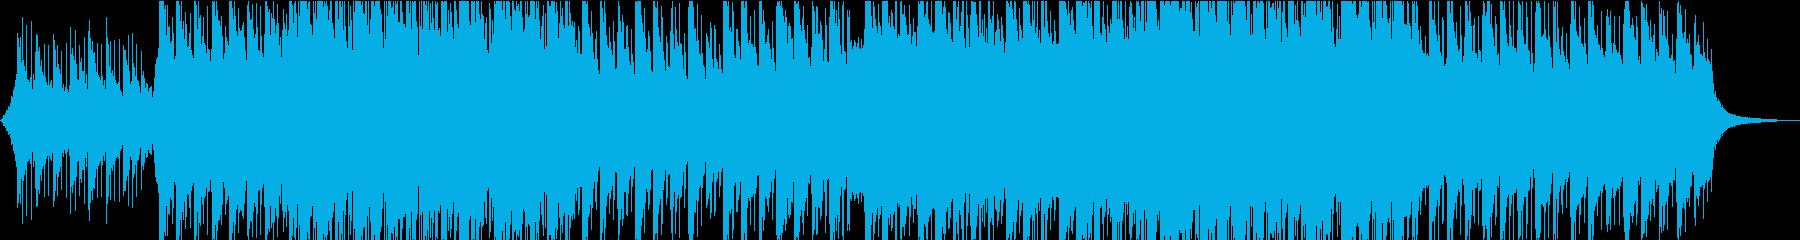 印象に残るメロディのピアノ・ストリングスの再生済みの波形